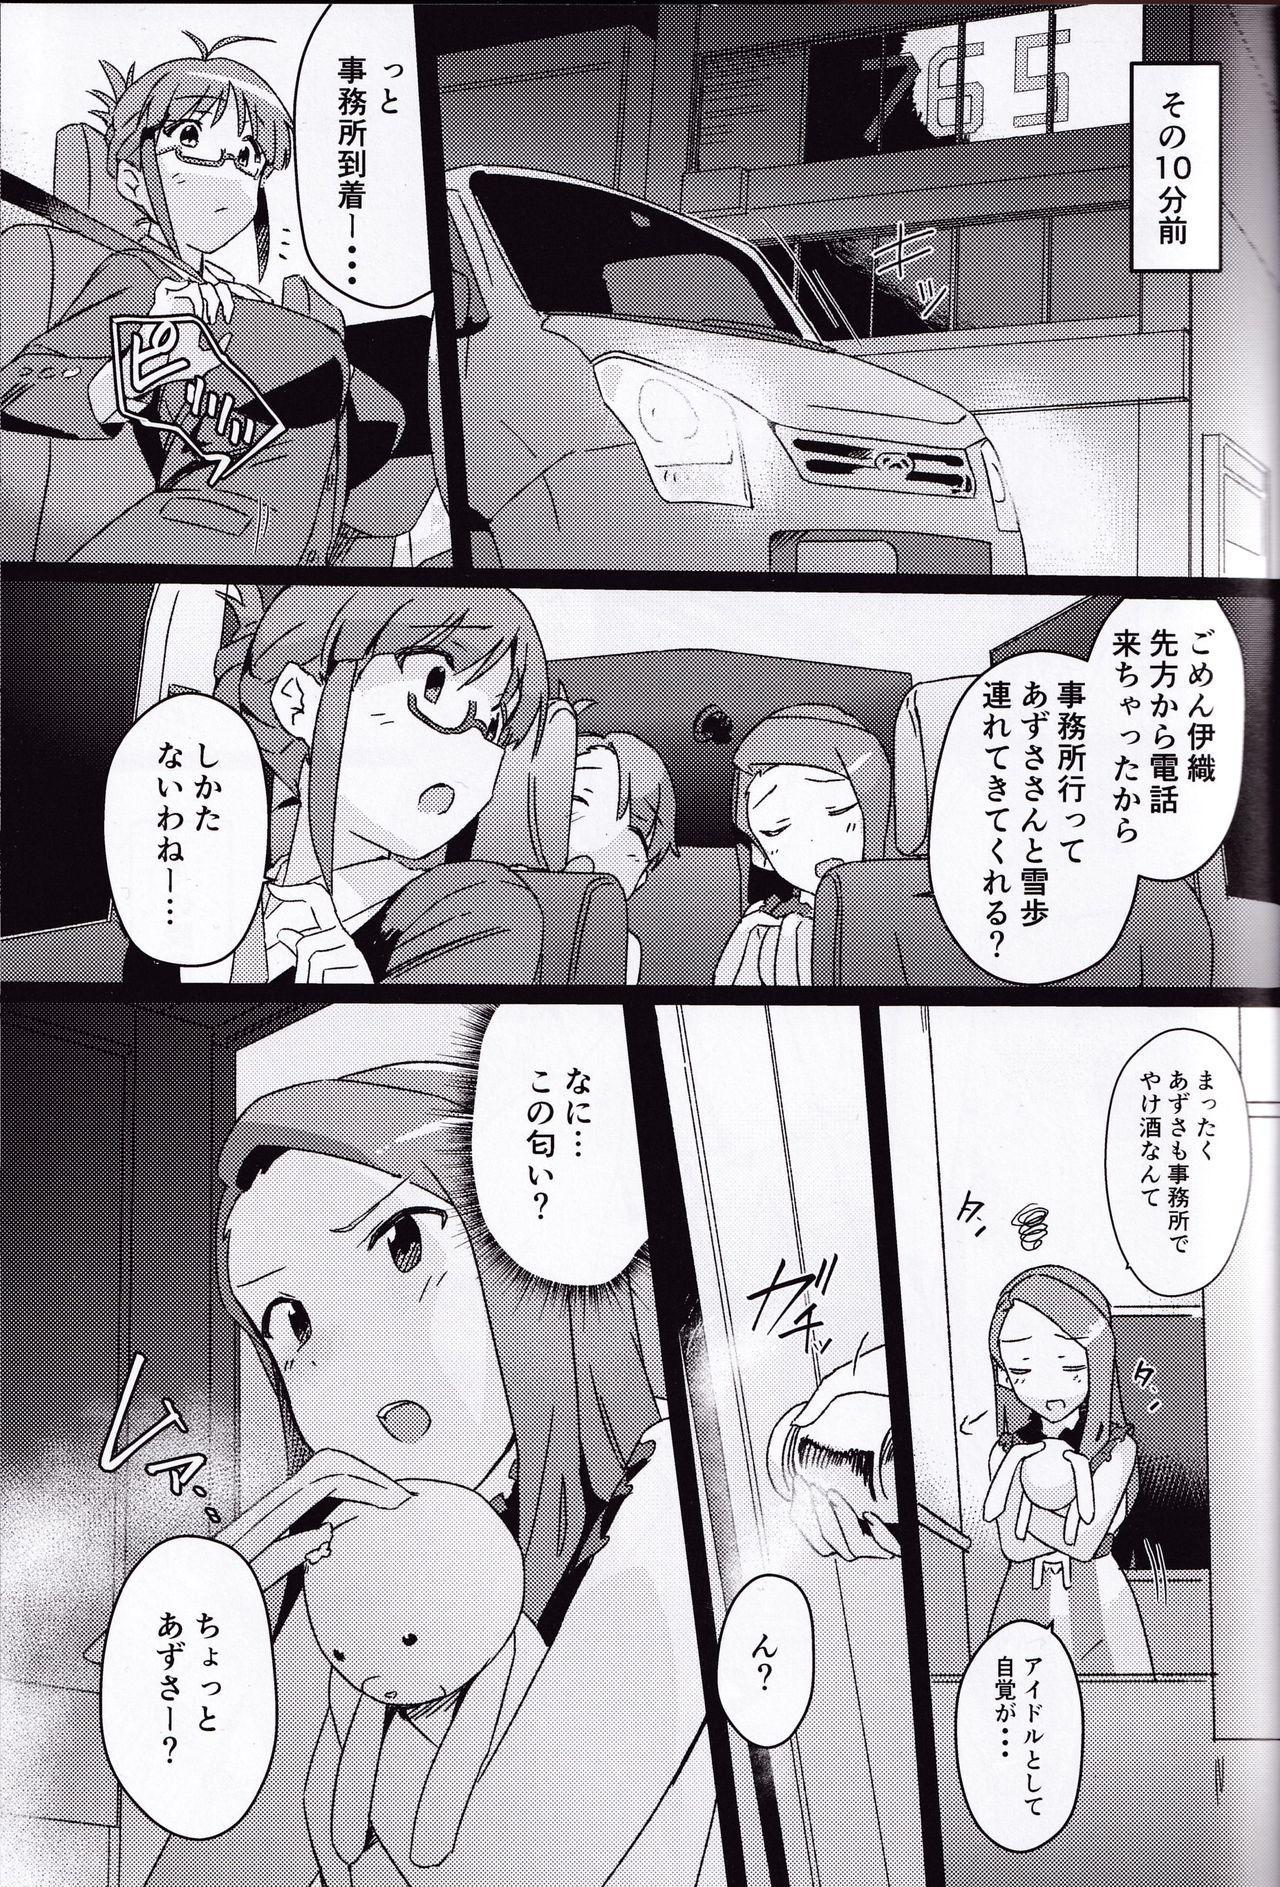 Yuki Chinpo Futanari Yukiho ga Bousou shite Iori to Ecchi shichau Hon + Omake 1